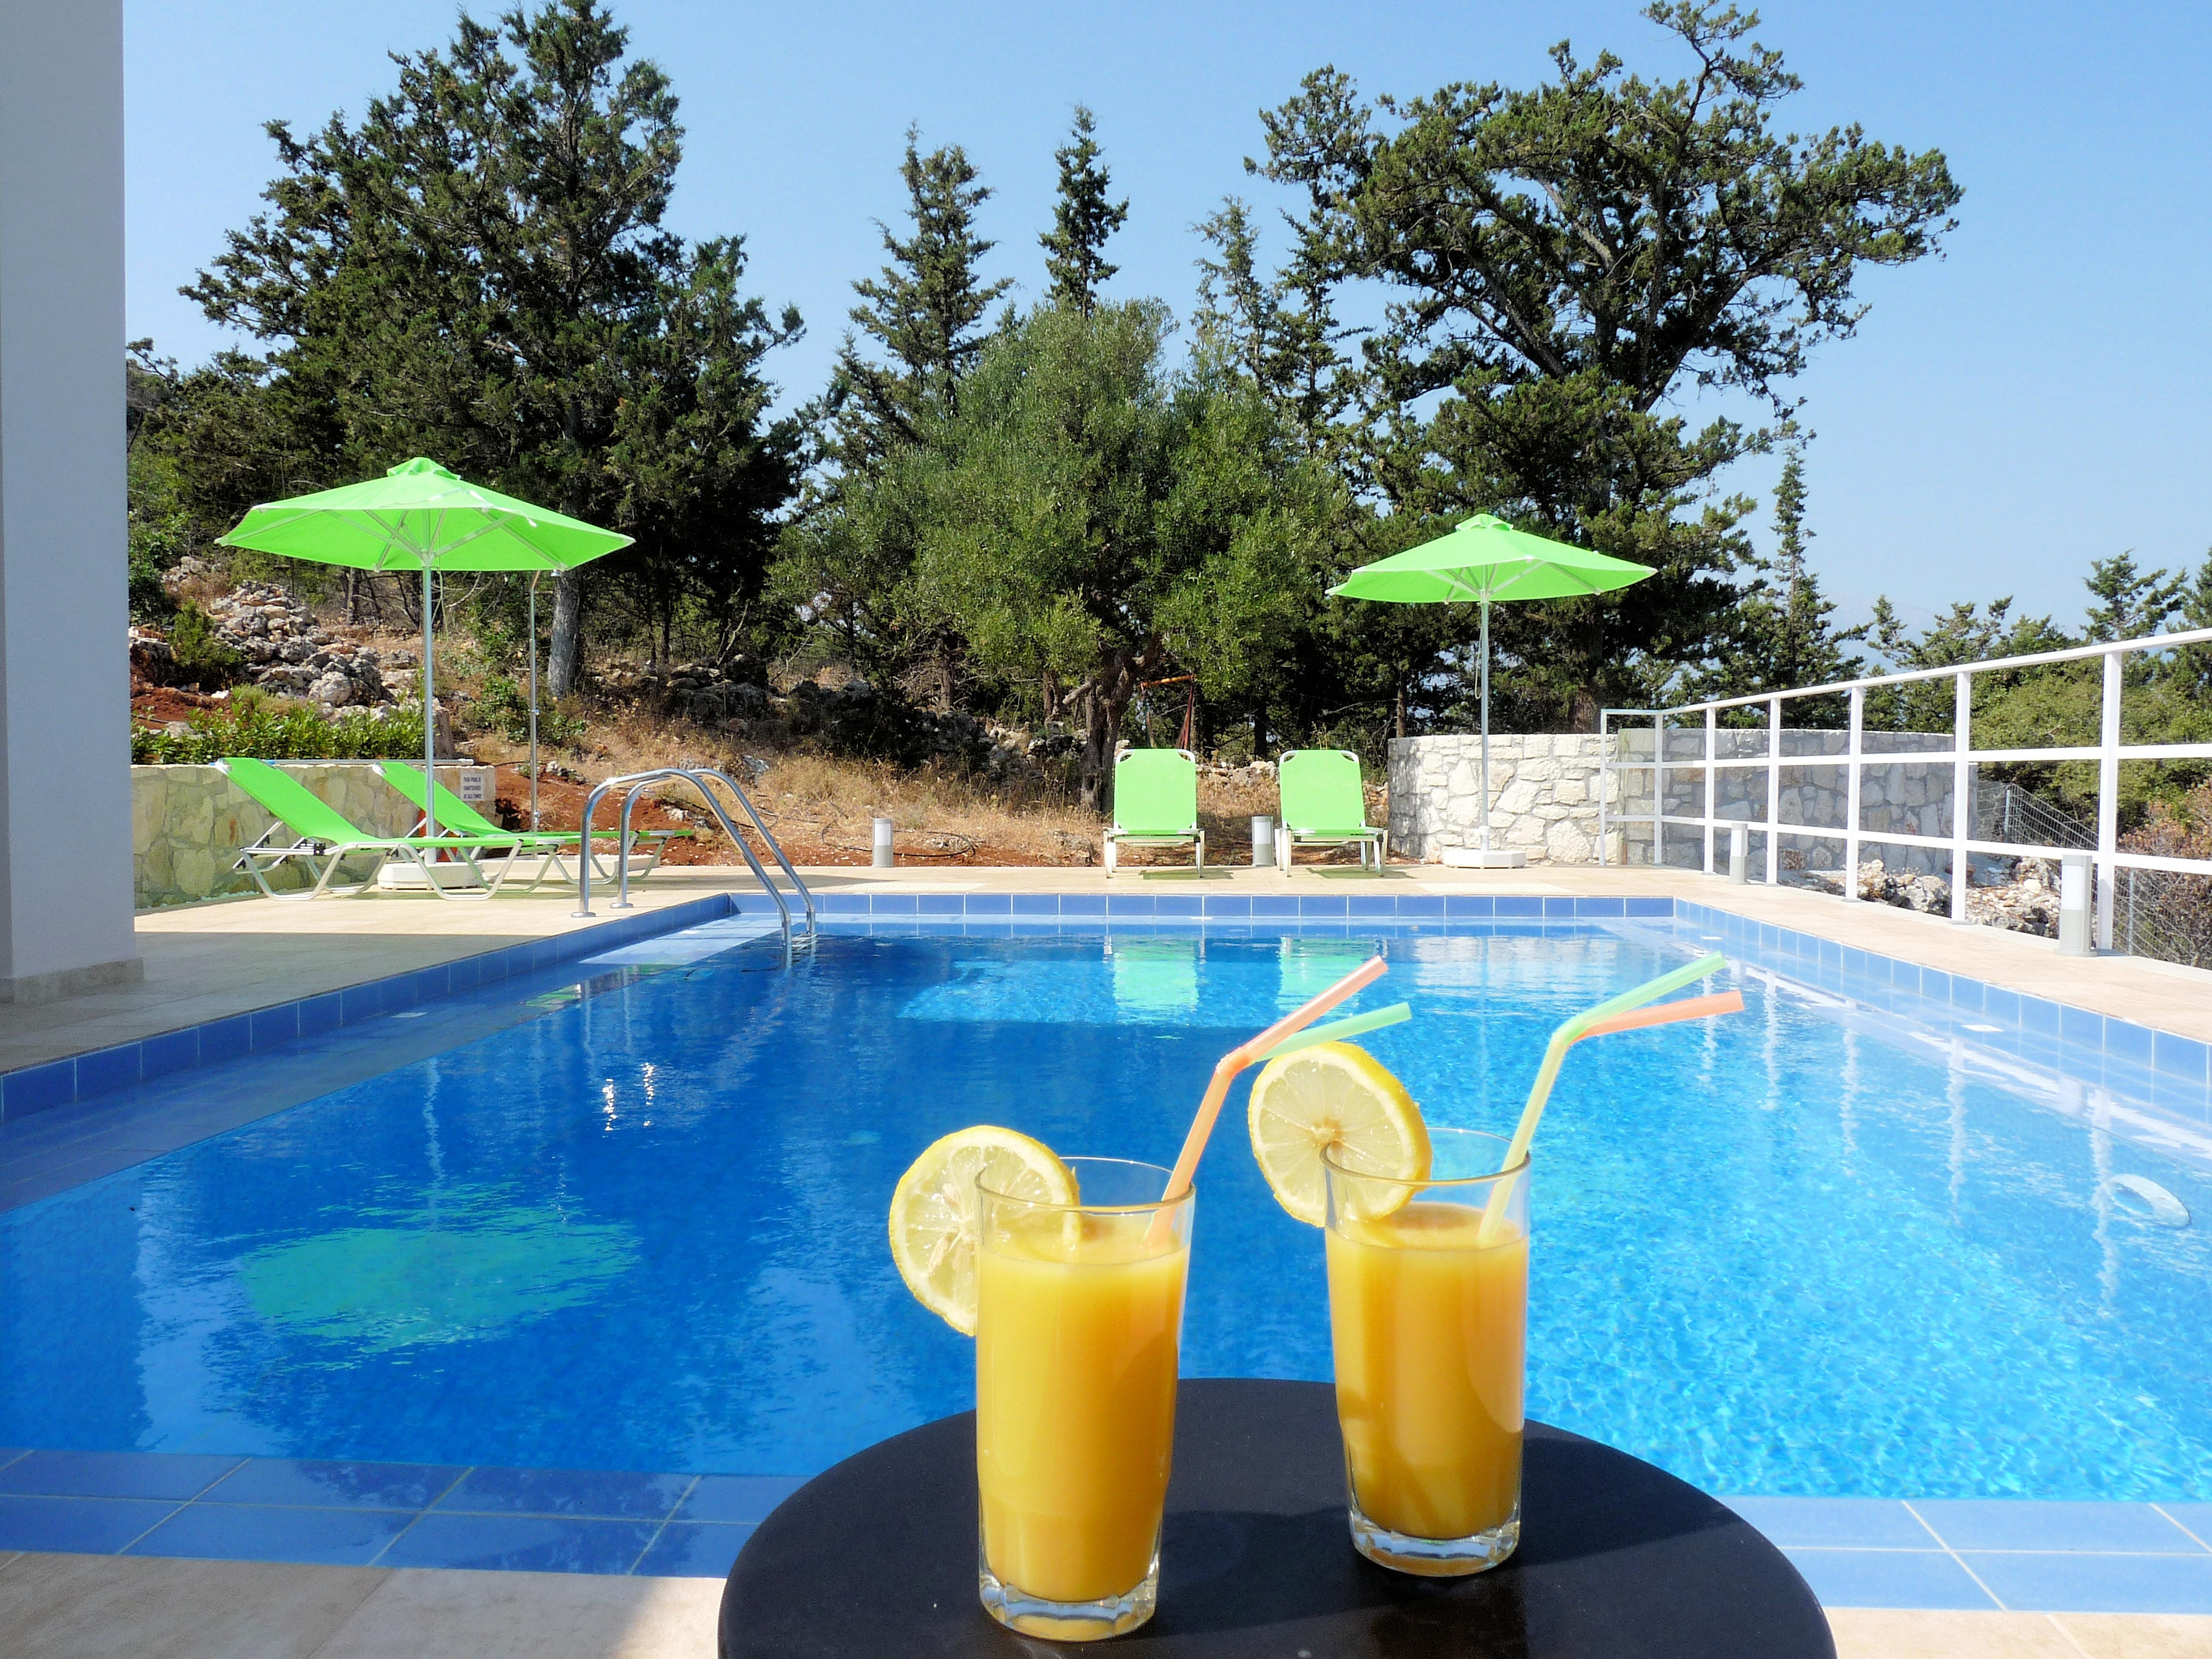 Couleur vacances location en cr te de villas avec for Piscine 3 05 x 1 22